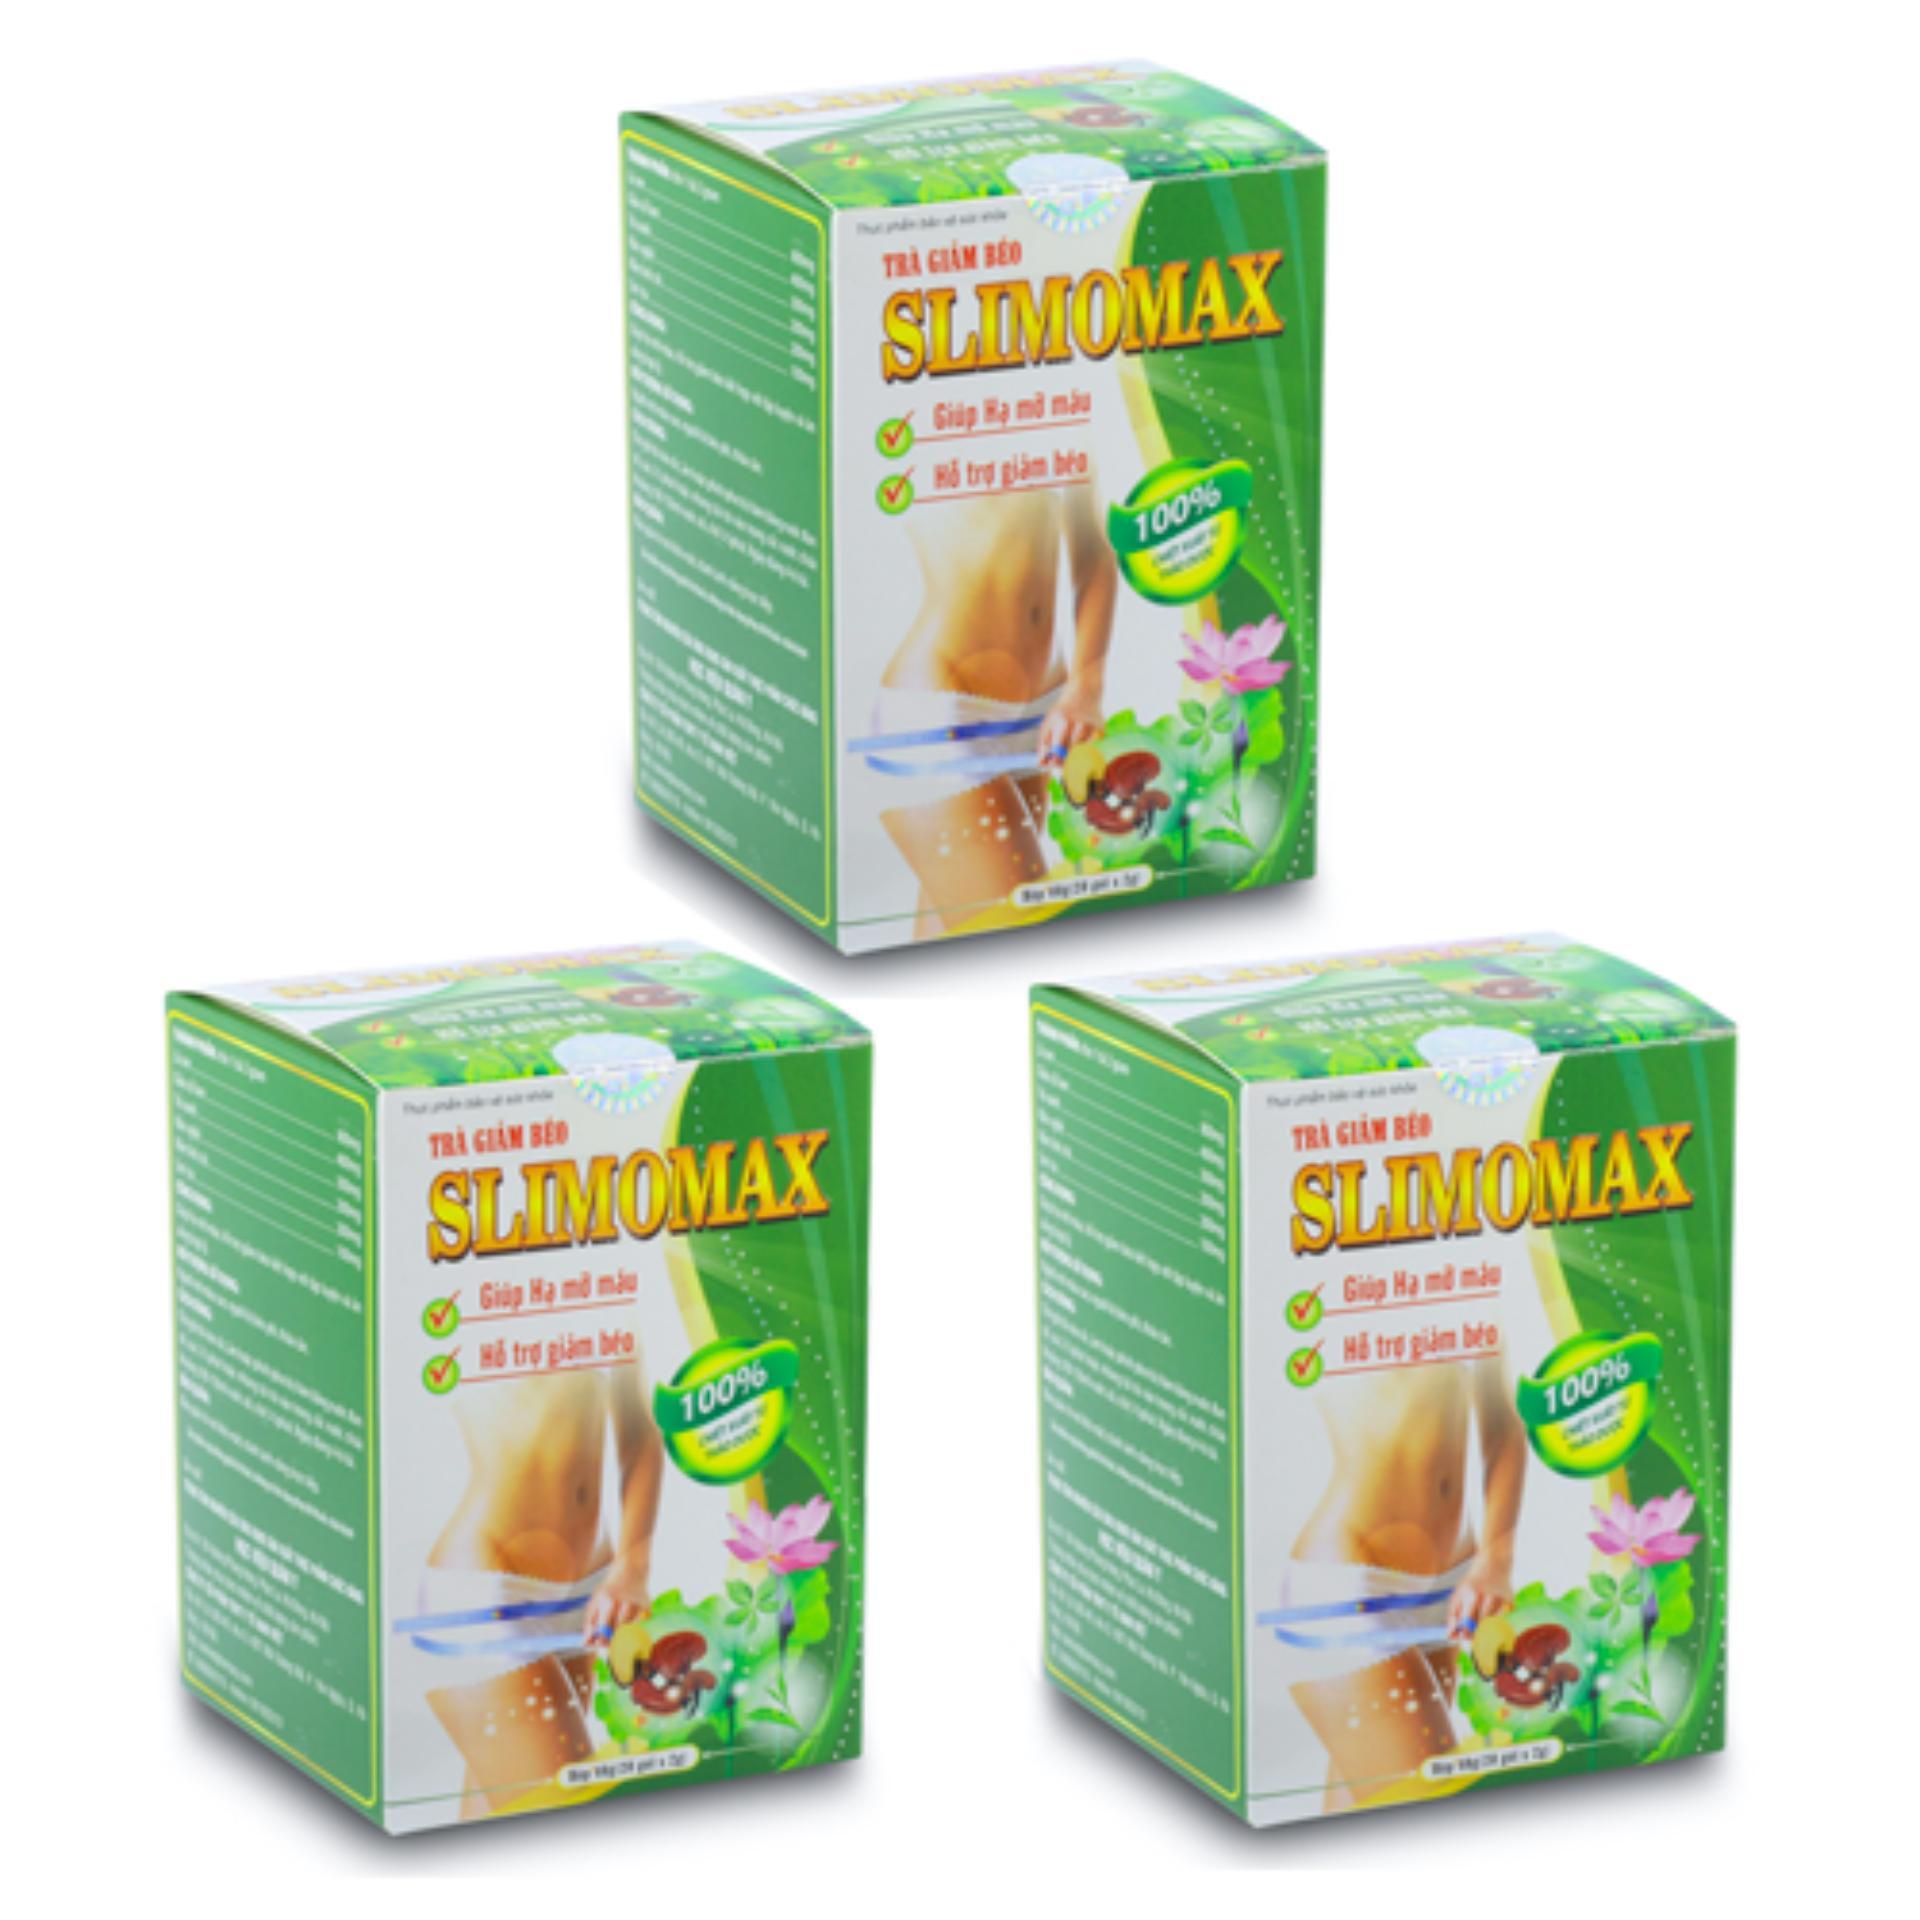 Bộ 3 hộp trà giảm béo Học Viện Quân Y Slimomax (20 túi x 3) chính hãng